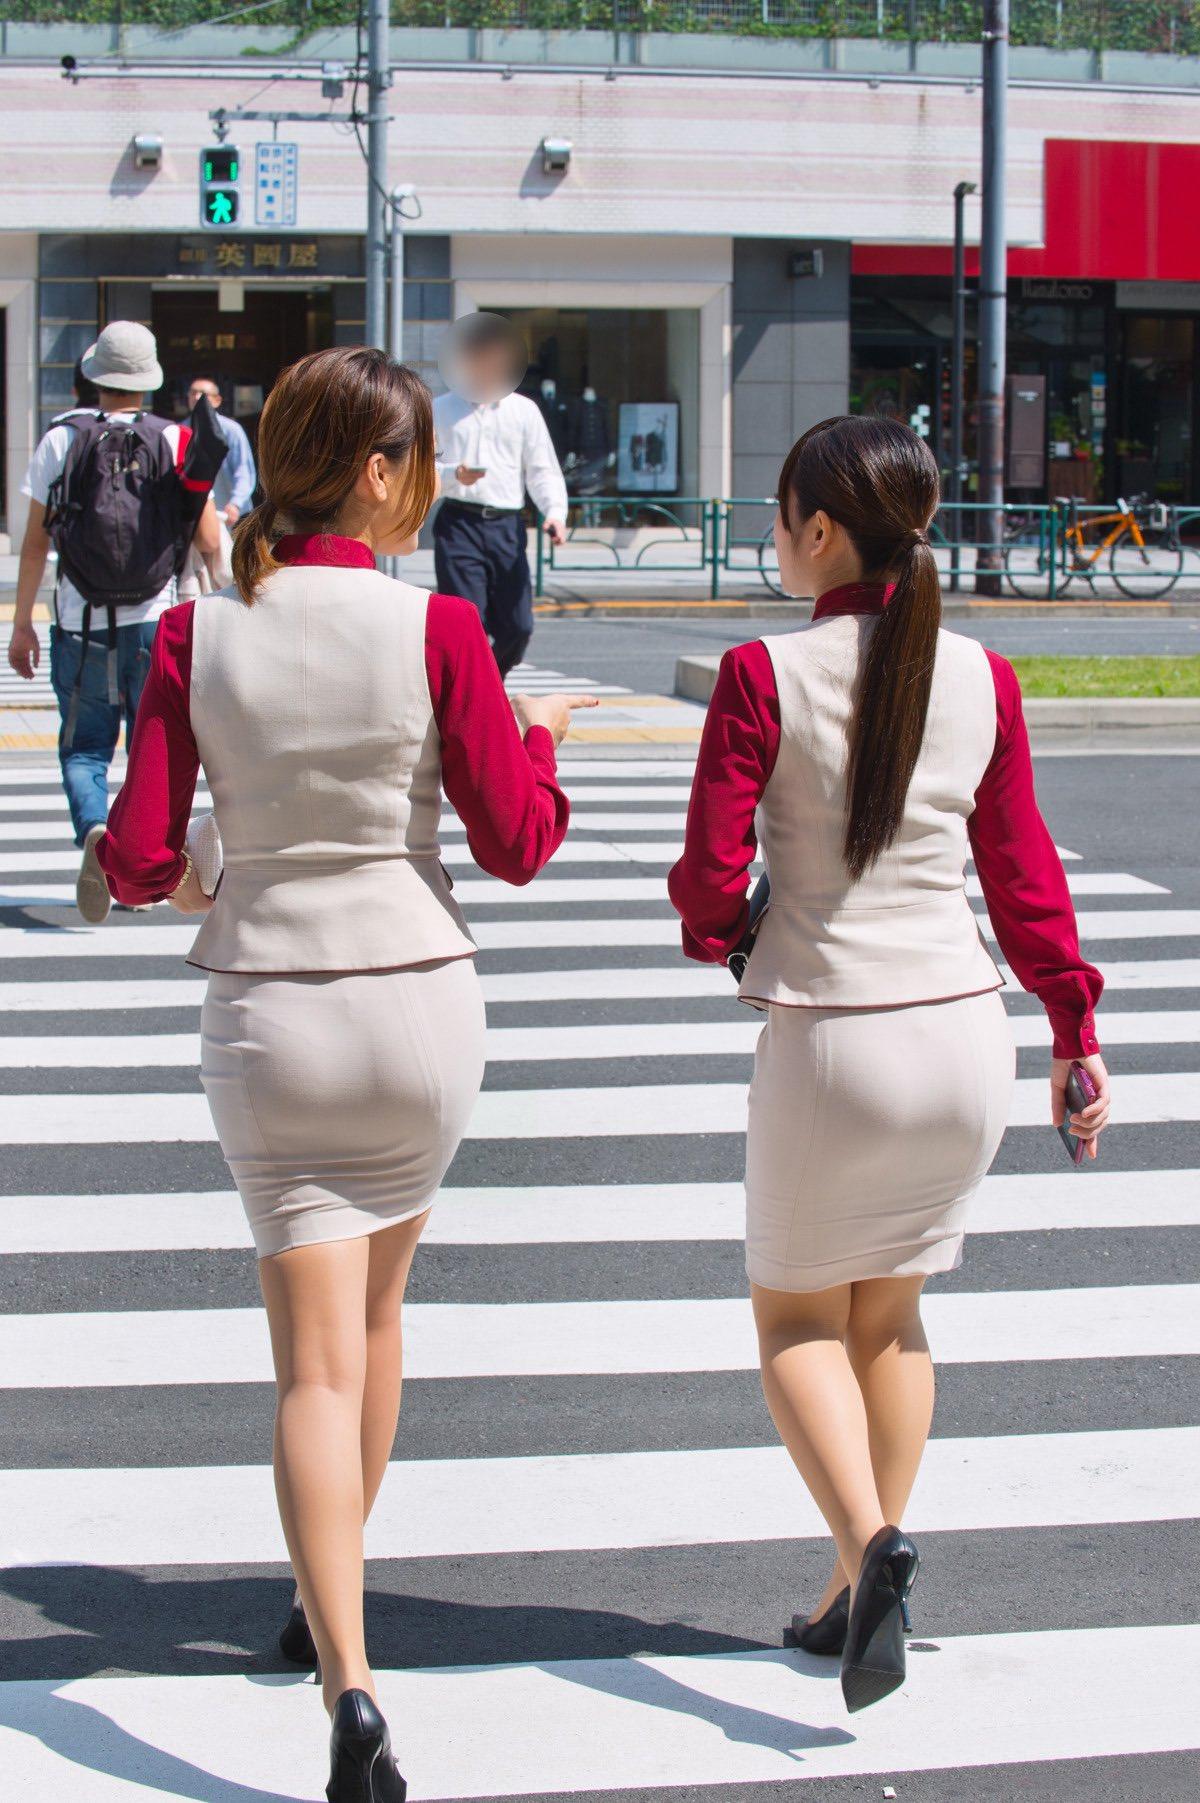 【画像】東京のOLさんってこんなにエッチなんか?